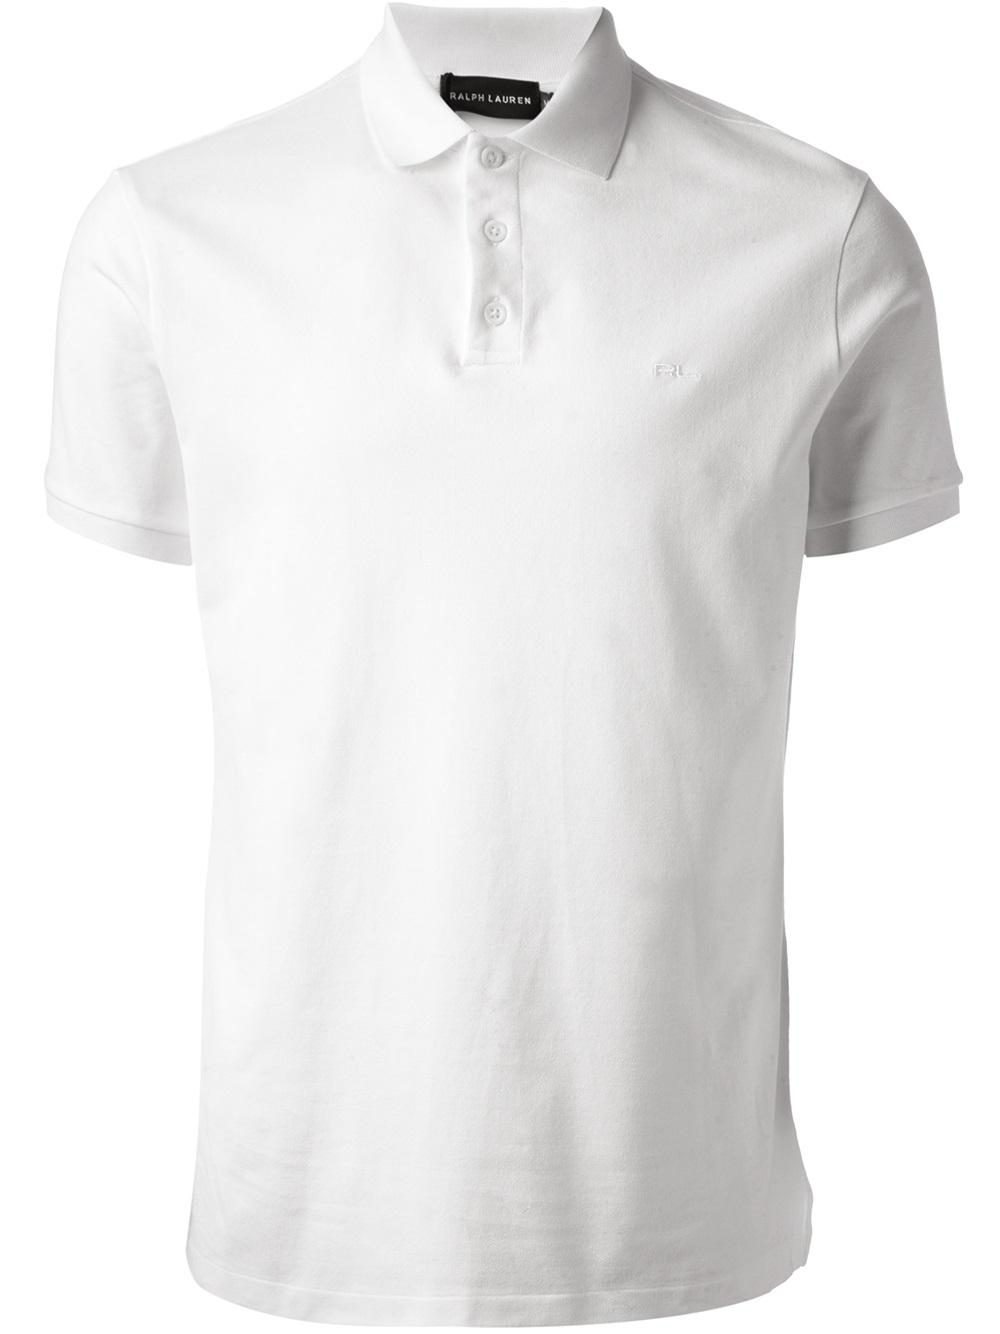 Ralph lauren logo polo shirt in white for men lyst for Ralph lauren logo shirt